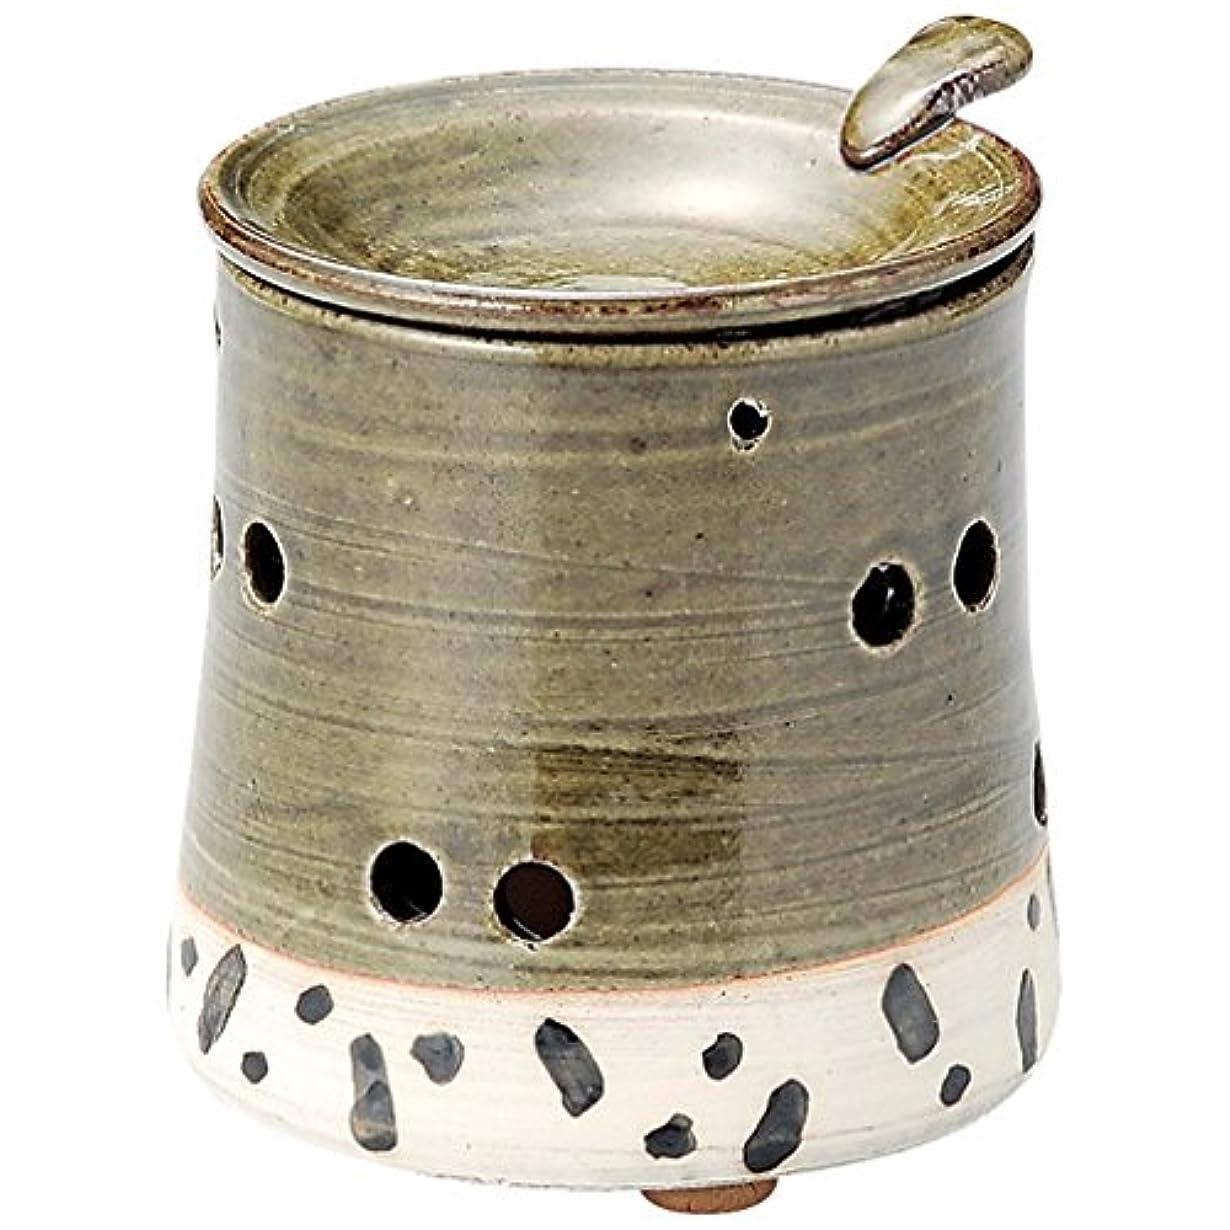 変位百コンデンサー山下工芸 常滑焼 山田織部釉茶香炉 10×9.5×9.5cm 13045680